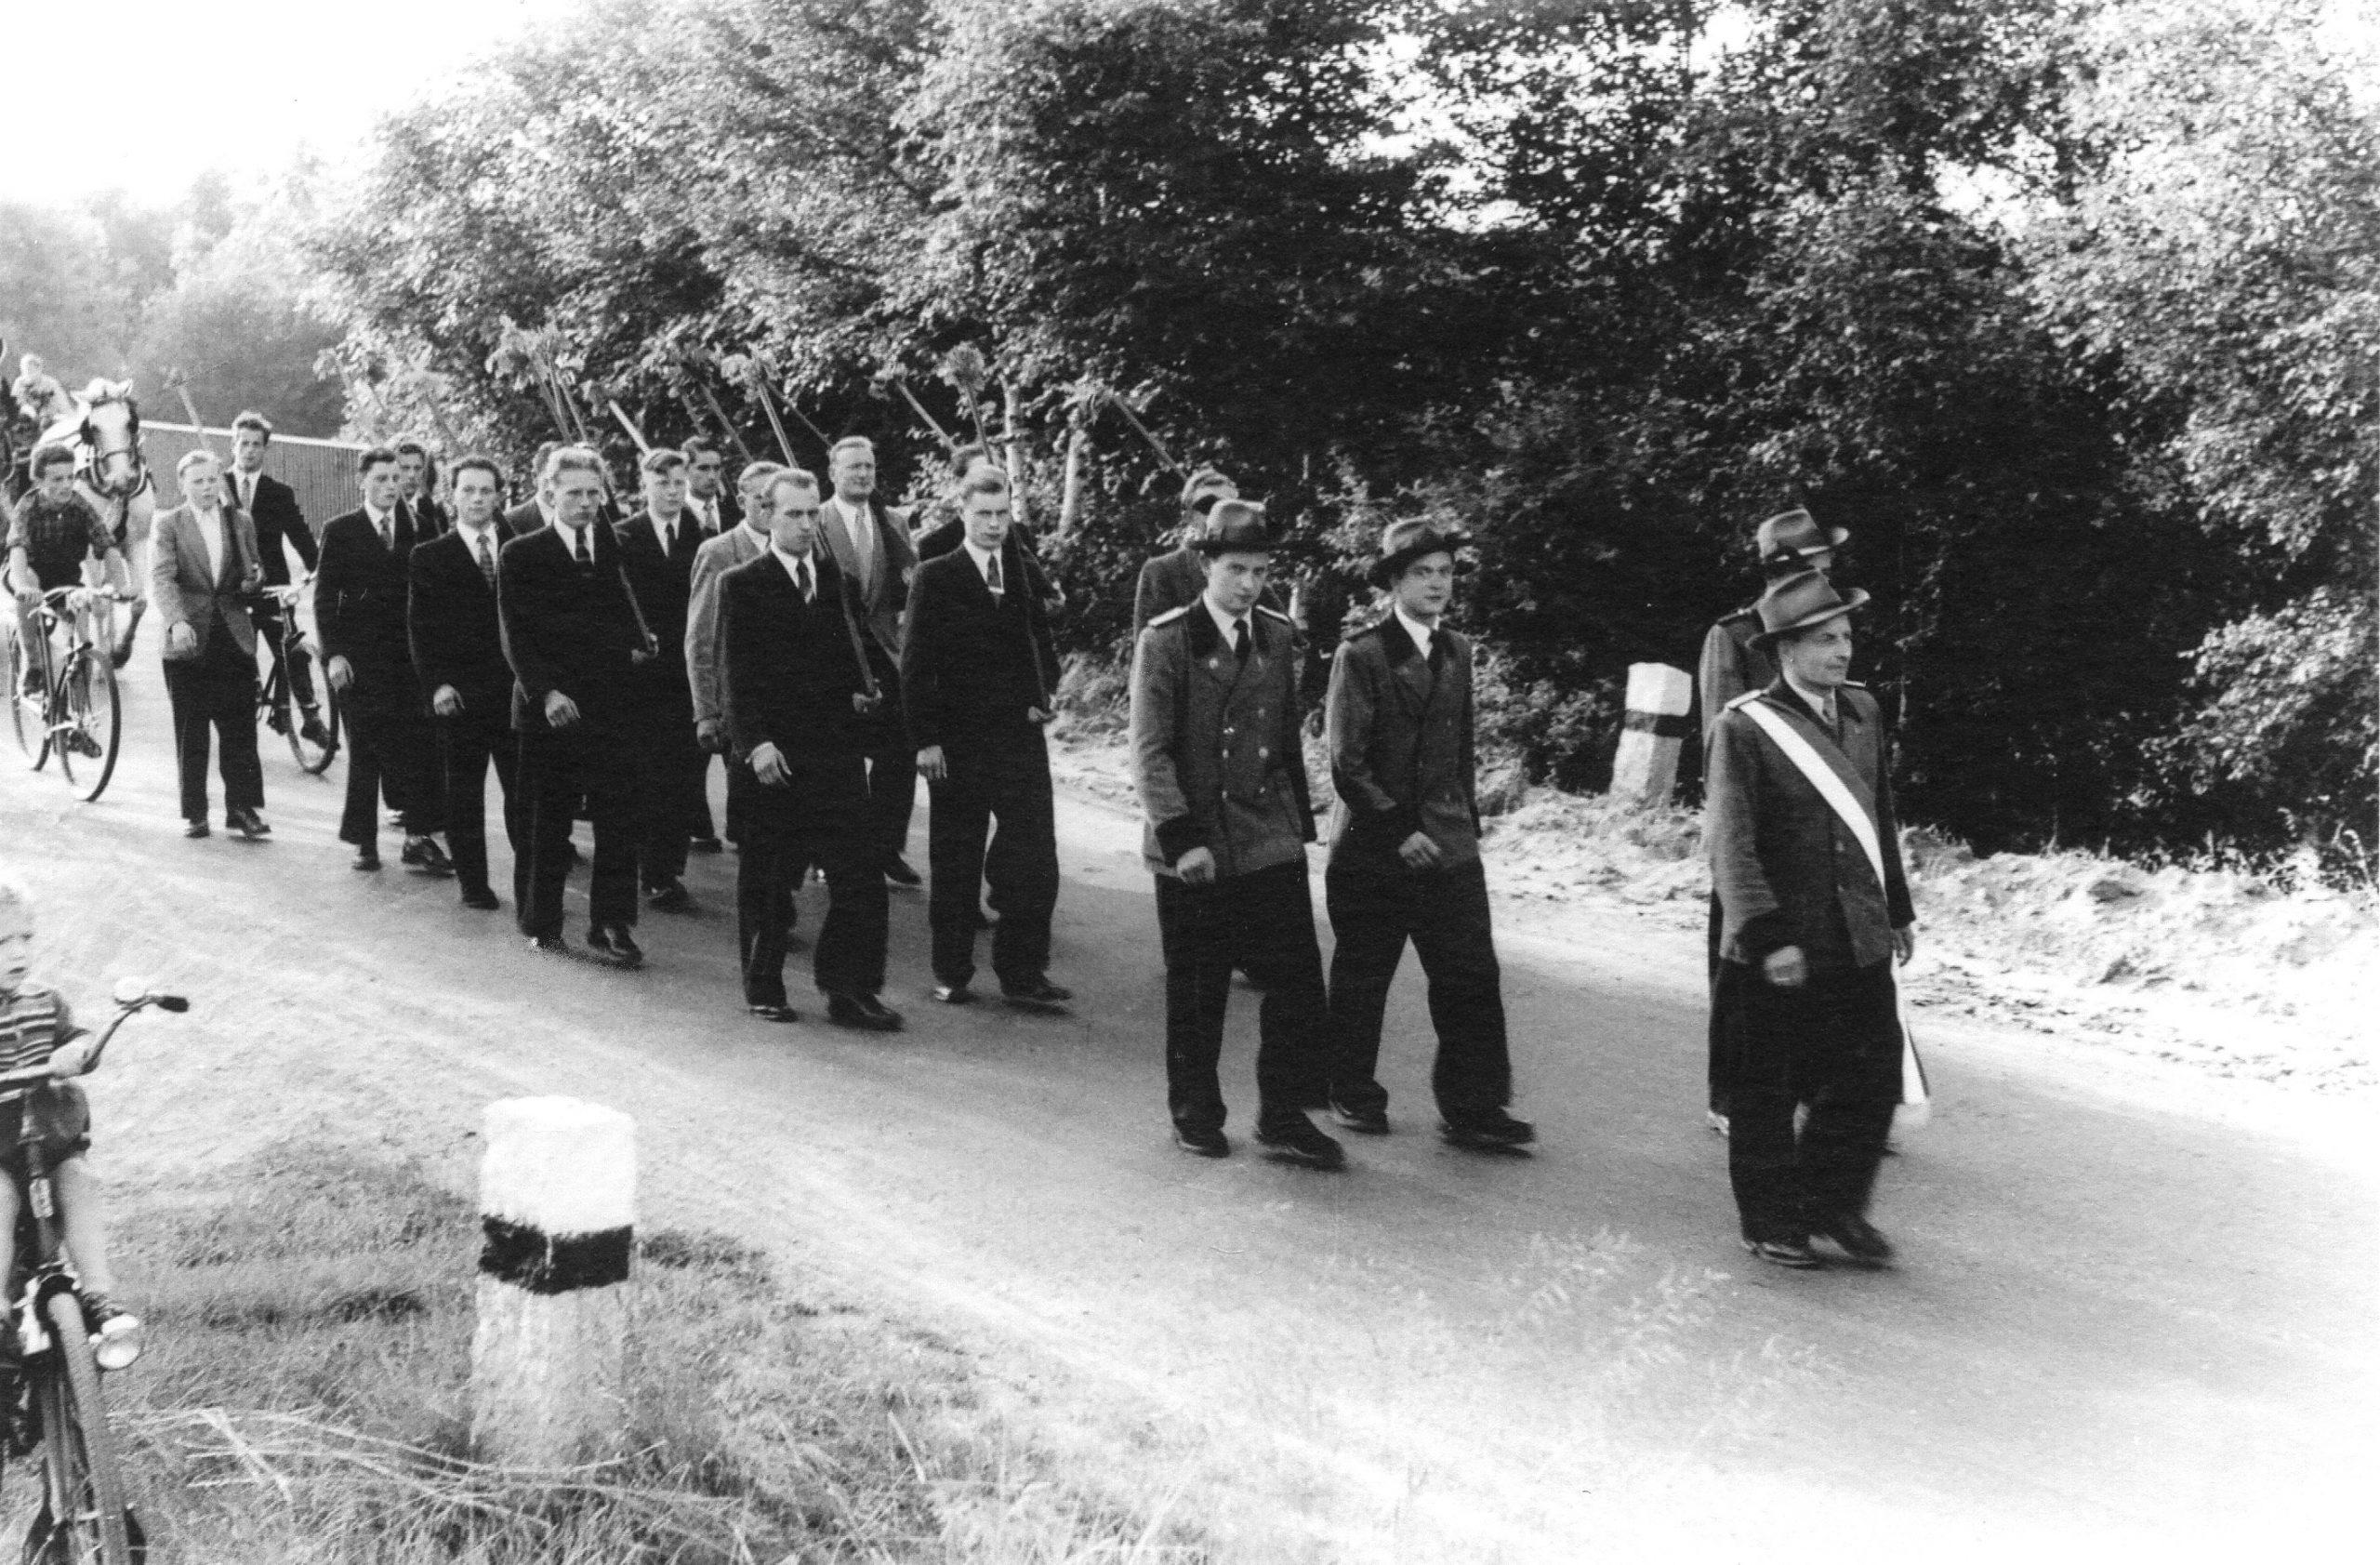 Marsch von der Waldklause zum Festgelände